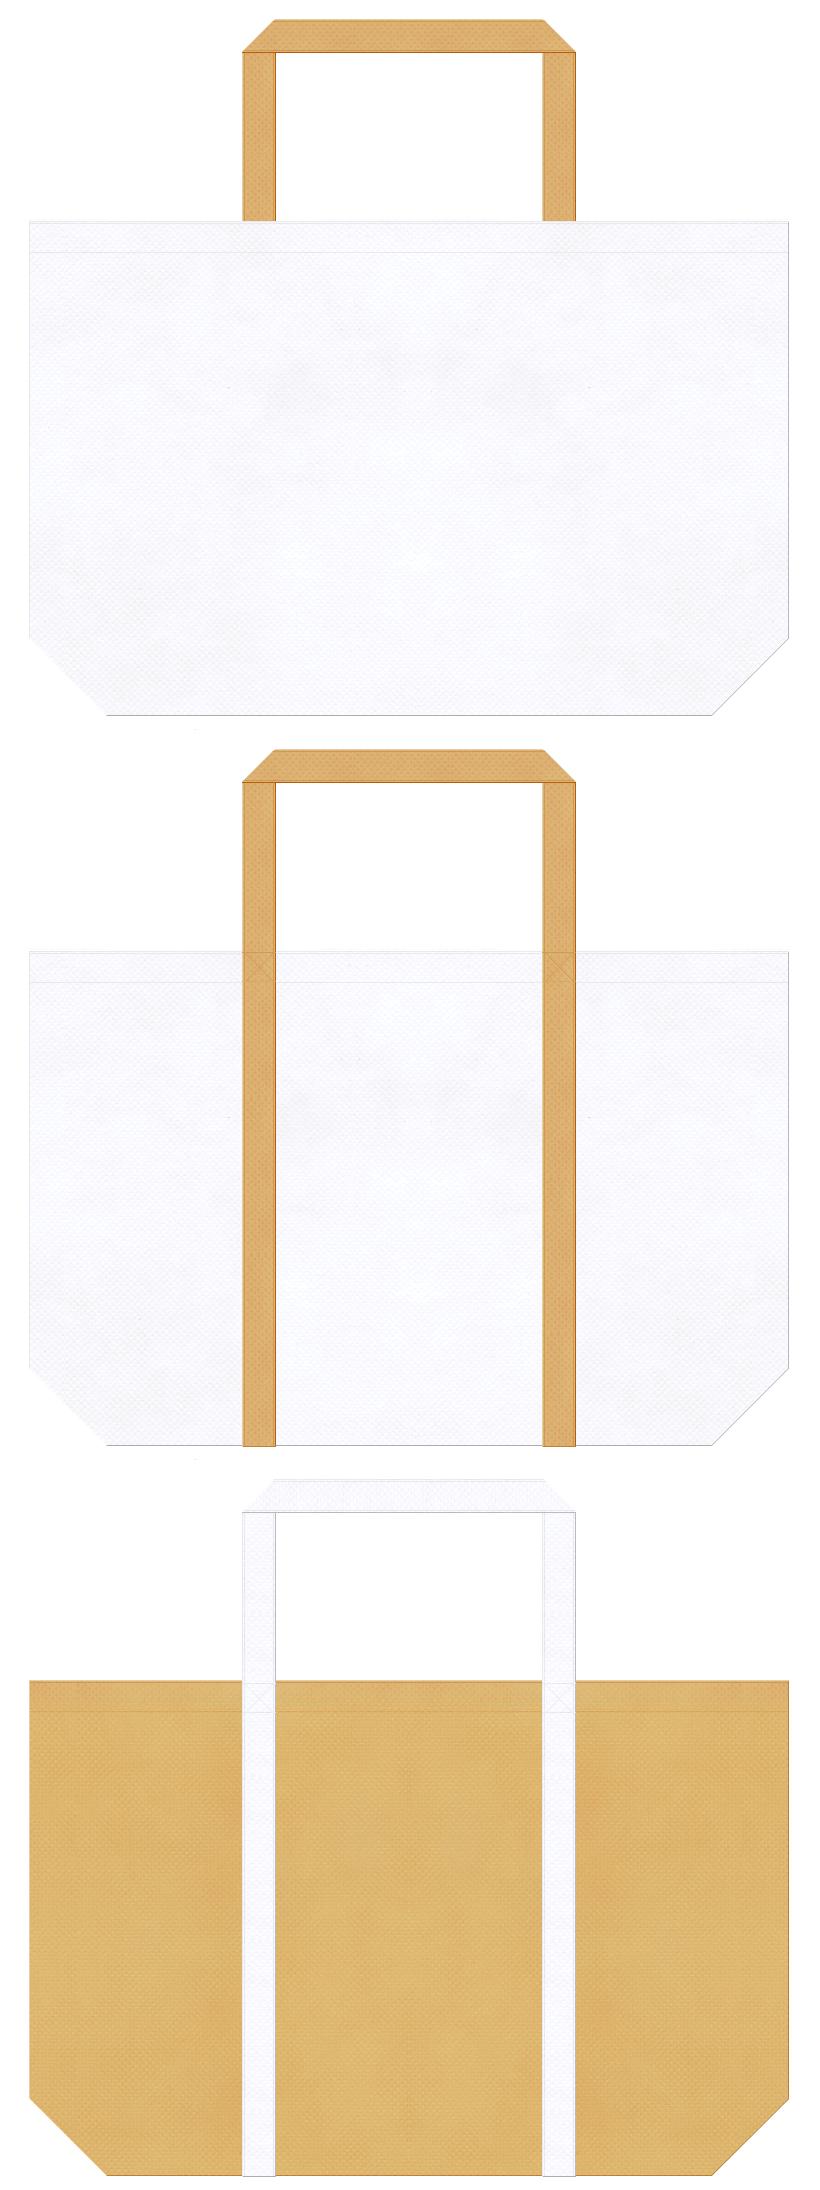 ベーカリー・手芸・木材・木工・檜・DIYイベント・スイーツ・保冷バッグにお奨めの不織布バッグデザイン:白色と薄黄土色のコーデ